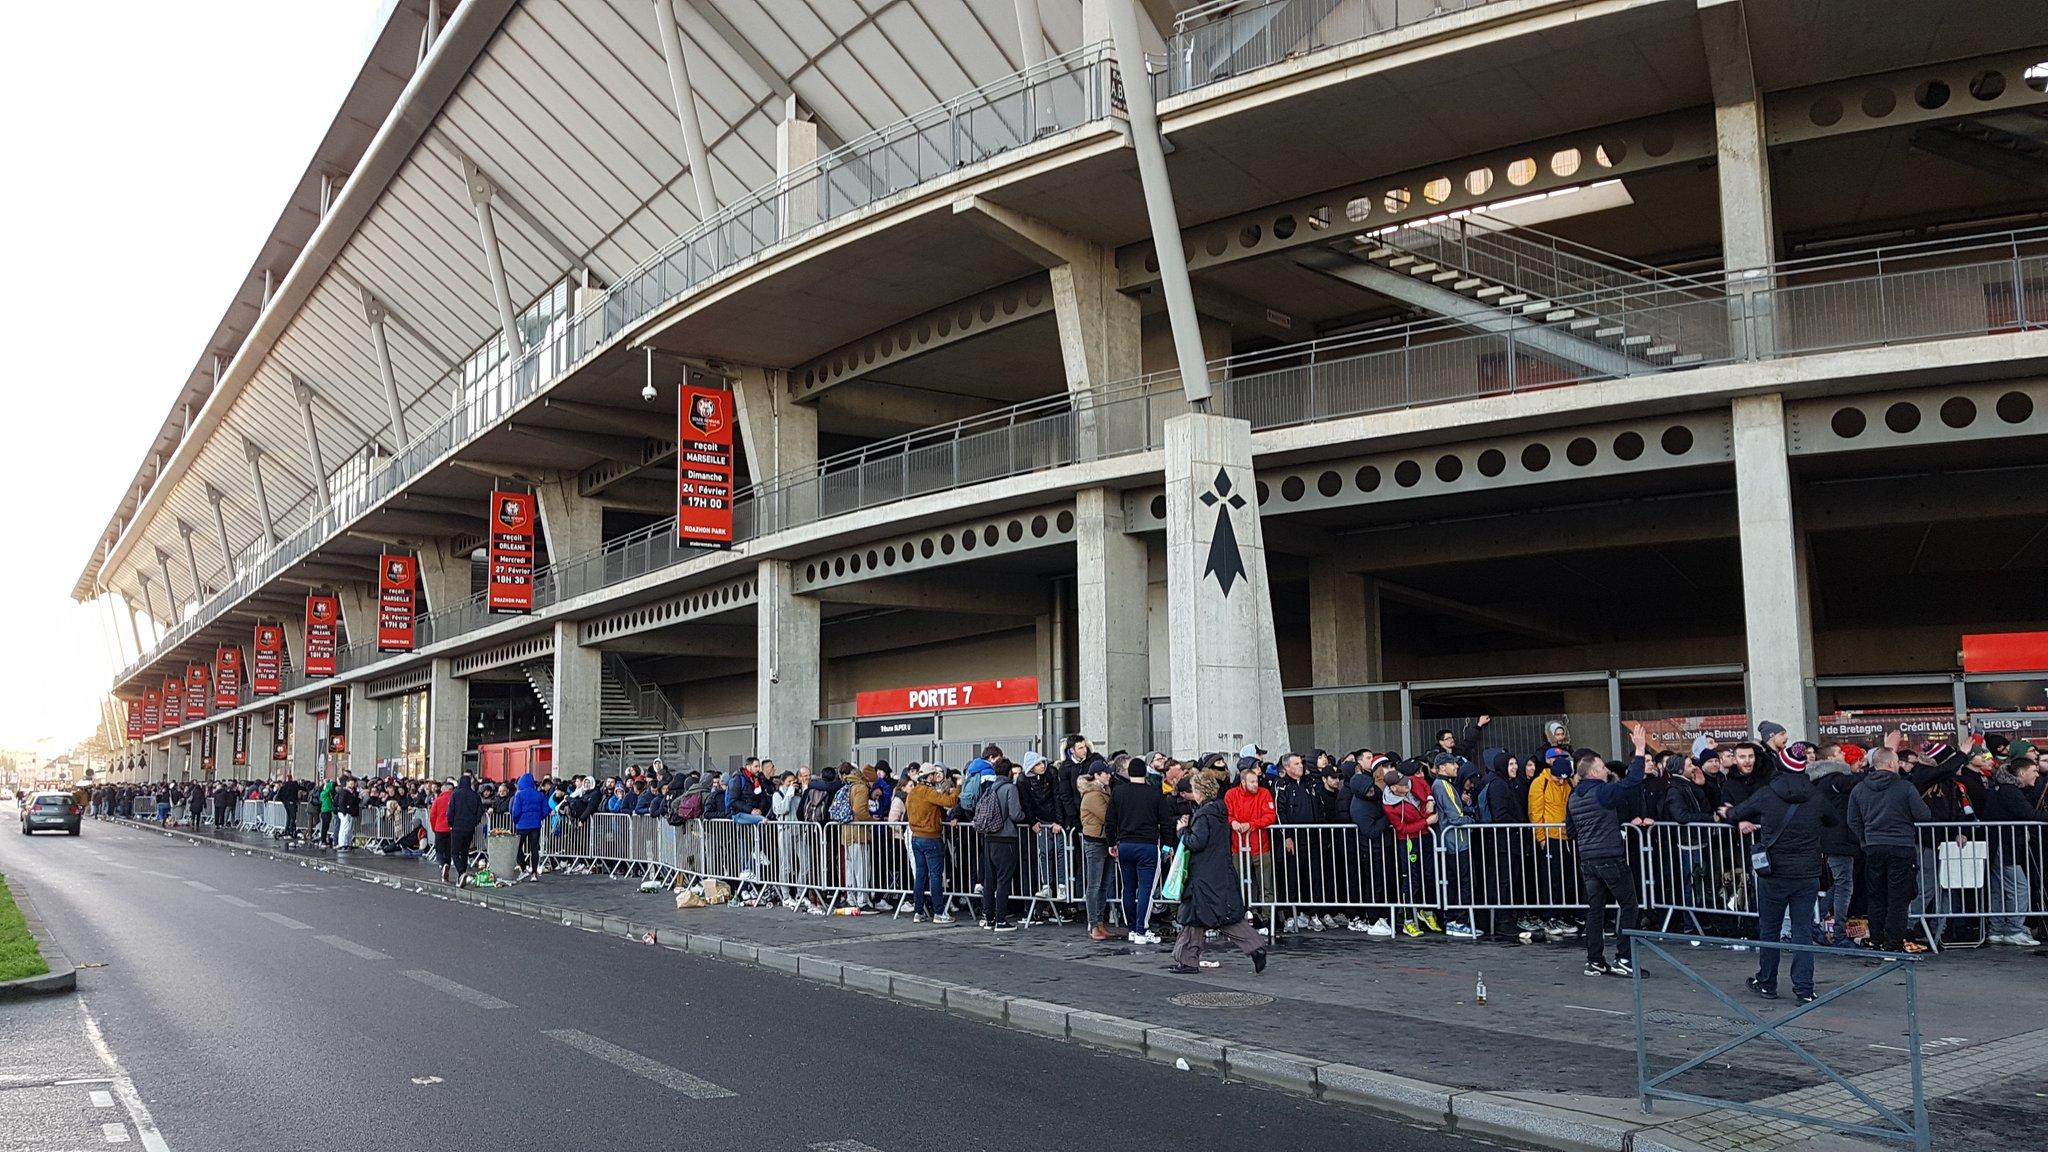 Football - Ligue Europa - Rennes-Arsenal: les fans passent la nuit devant le stade pour avoir une place